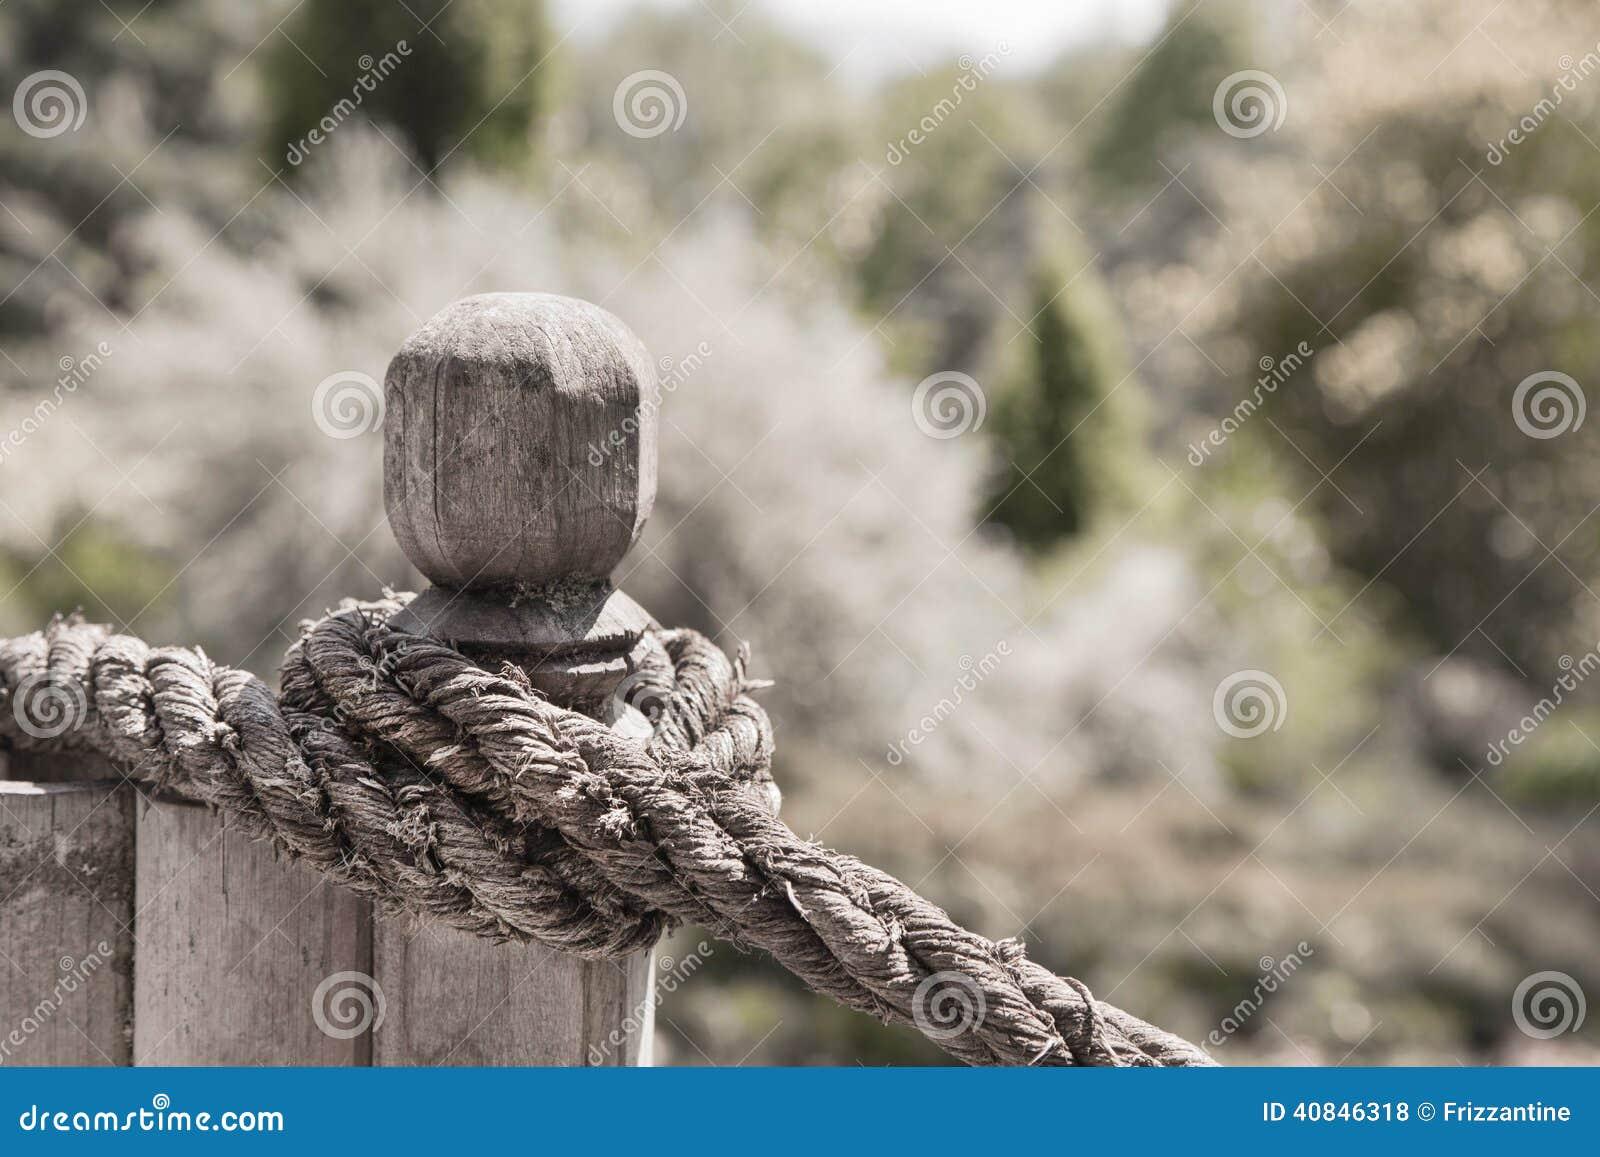 Knoten Sie Seil Auf Dem Zaun Im Garten Landhausstilhintergrund